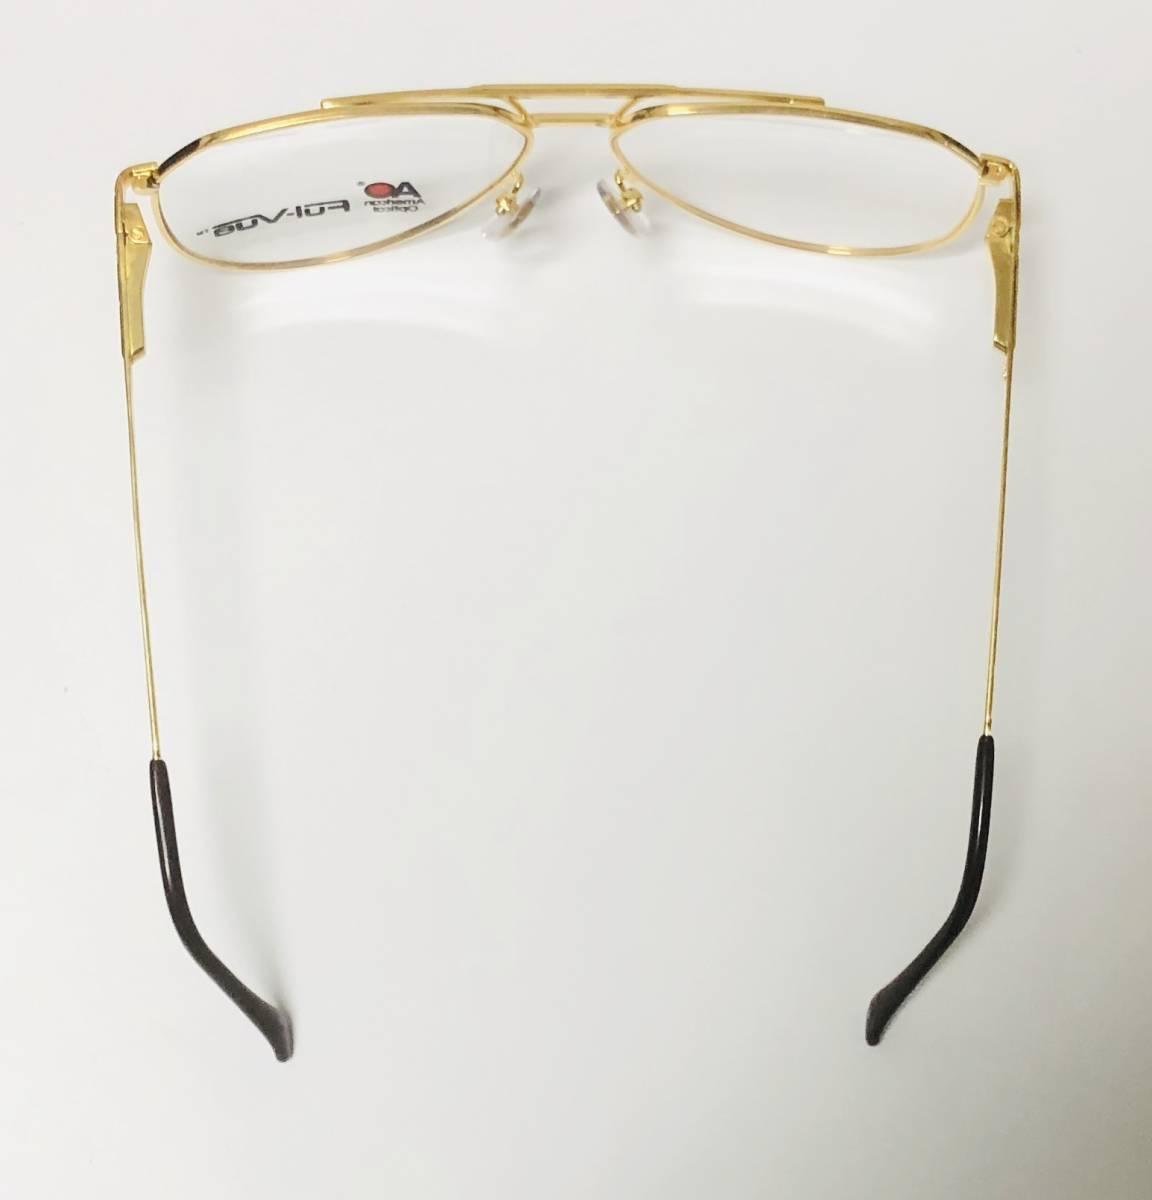 新品箱付】20K金 アメリカンオプティカル 1980年代 AO American Optical Ful-Vue 米国メガネ (参考: Rodenstock好きにオススメ_画像8